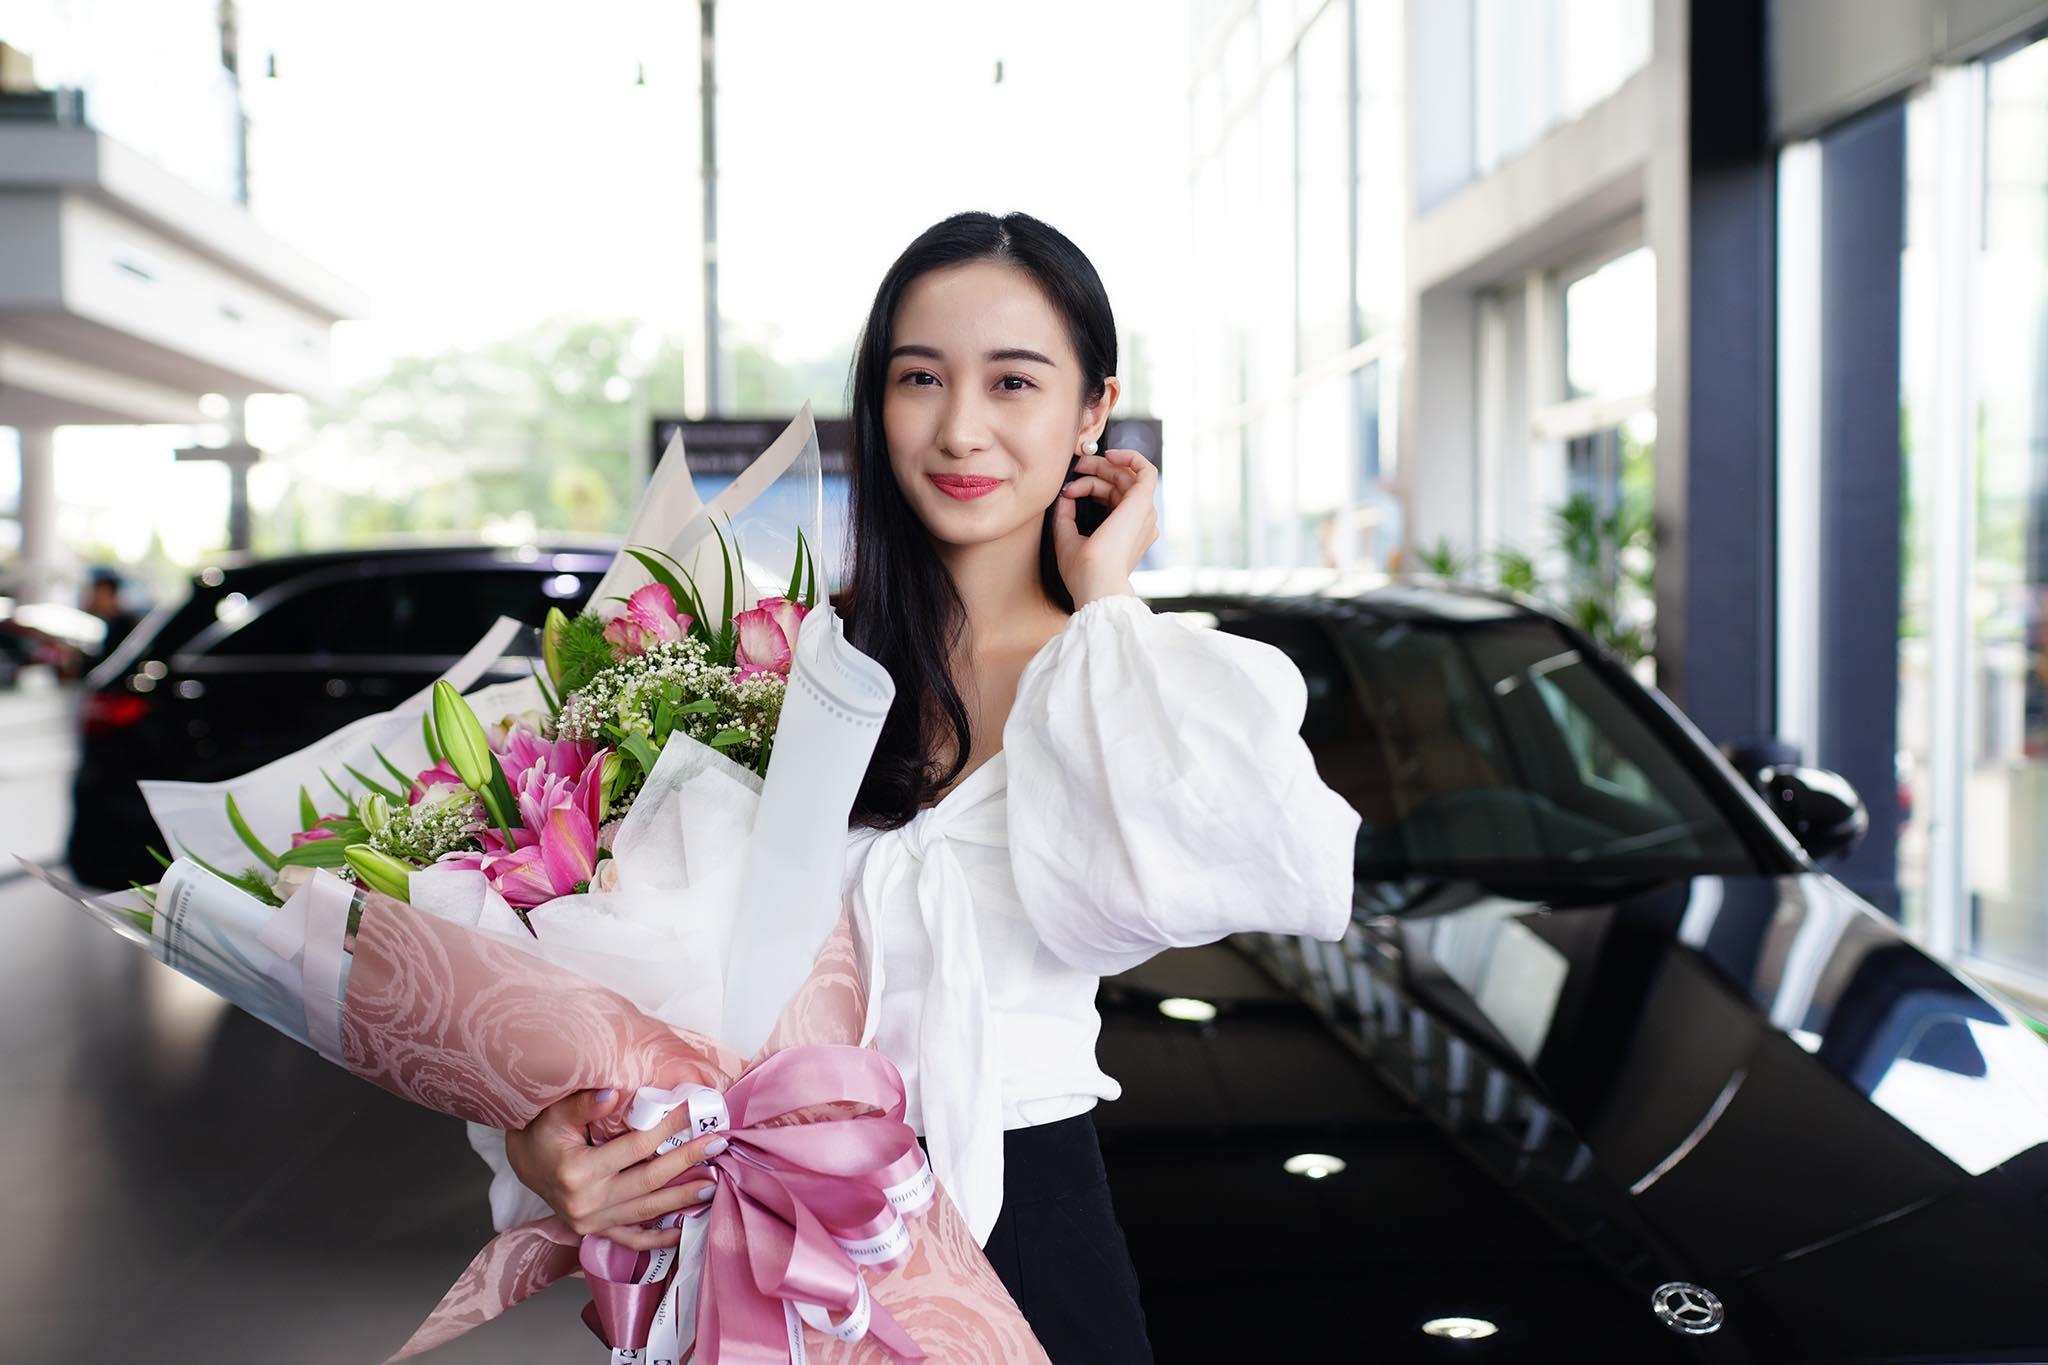 Diễn viên Jun Vũ tậu xe sang mừng sinh nhật tuổi 24 - 14